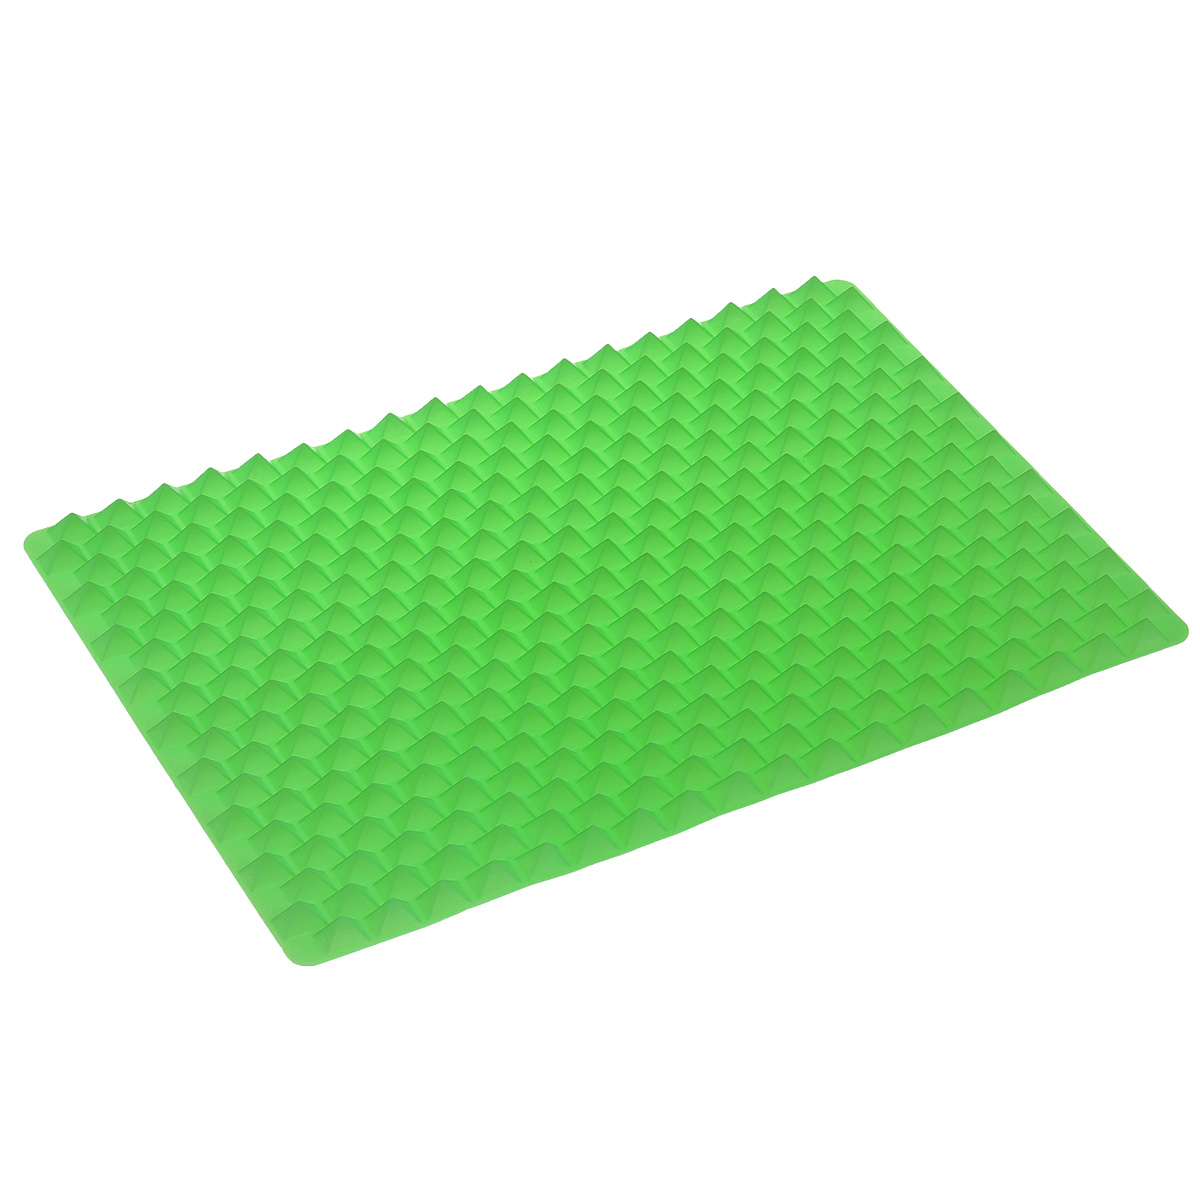 Силиконовый коврик для приготовления пищи Bradex, цвет: зеленый, 40 см х 27 см коврик силиконовый для приготовления пищи